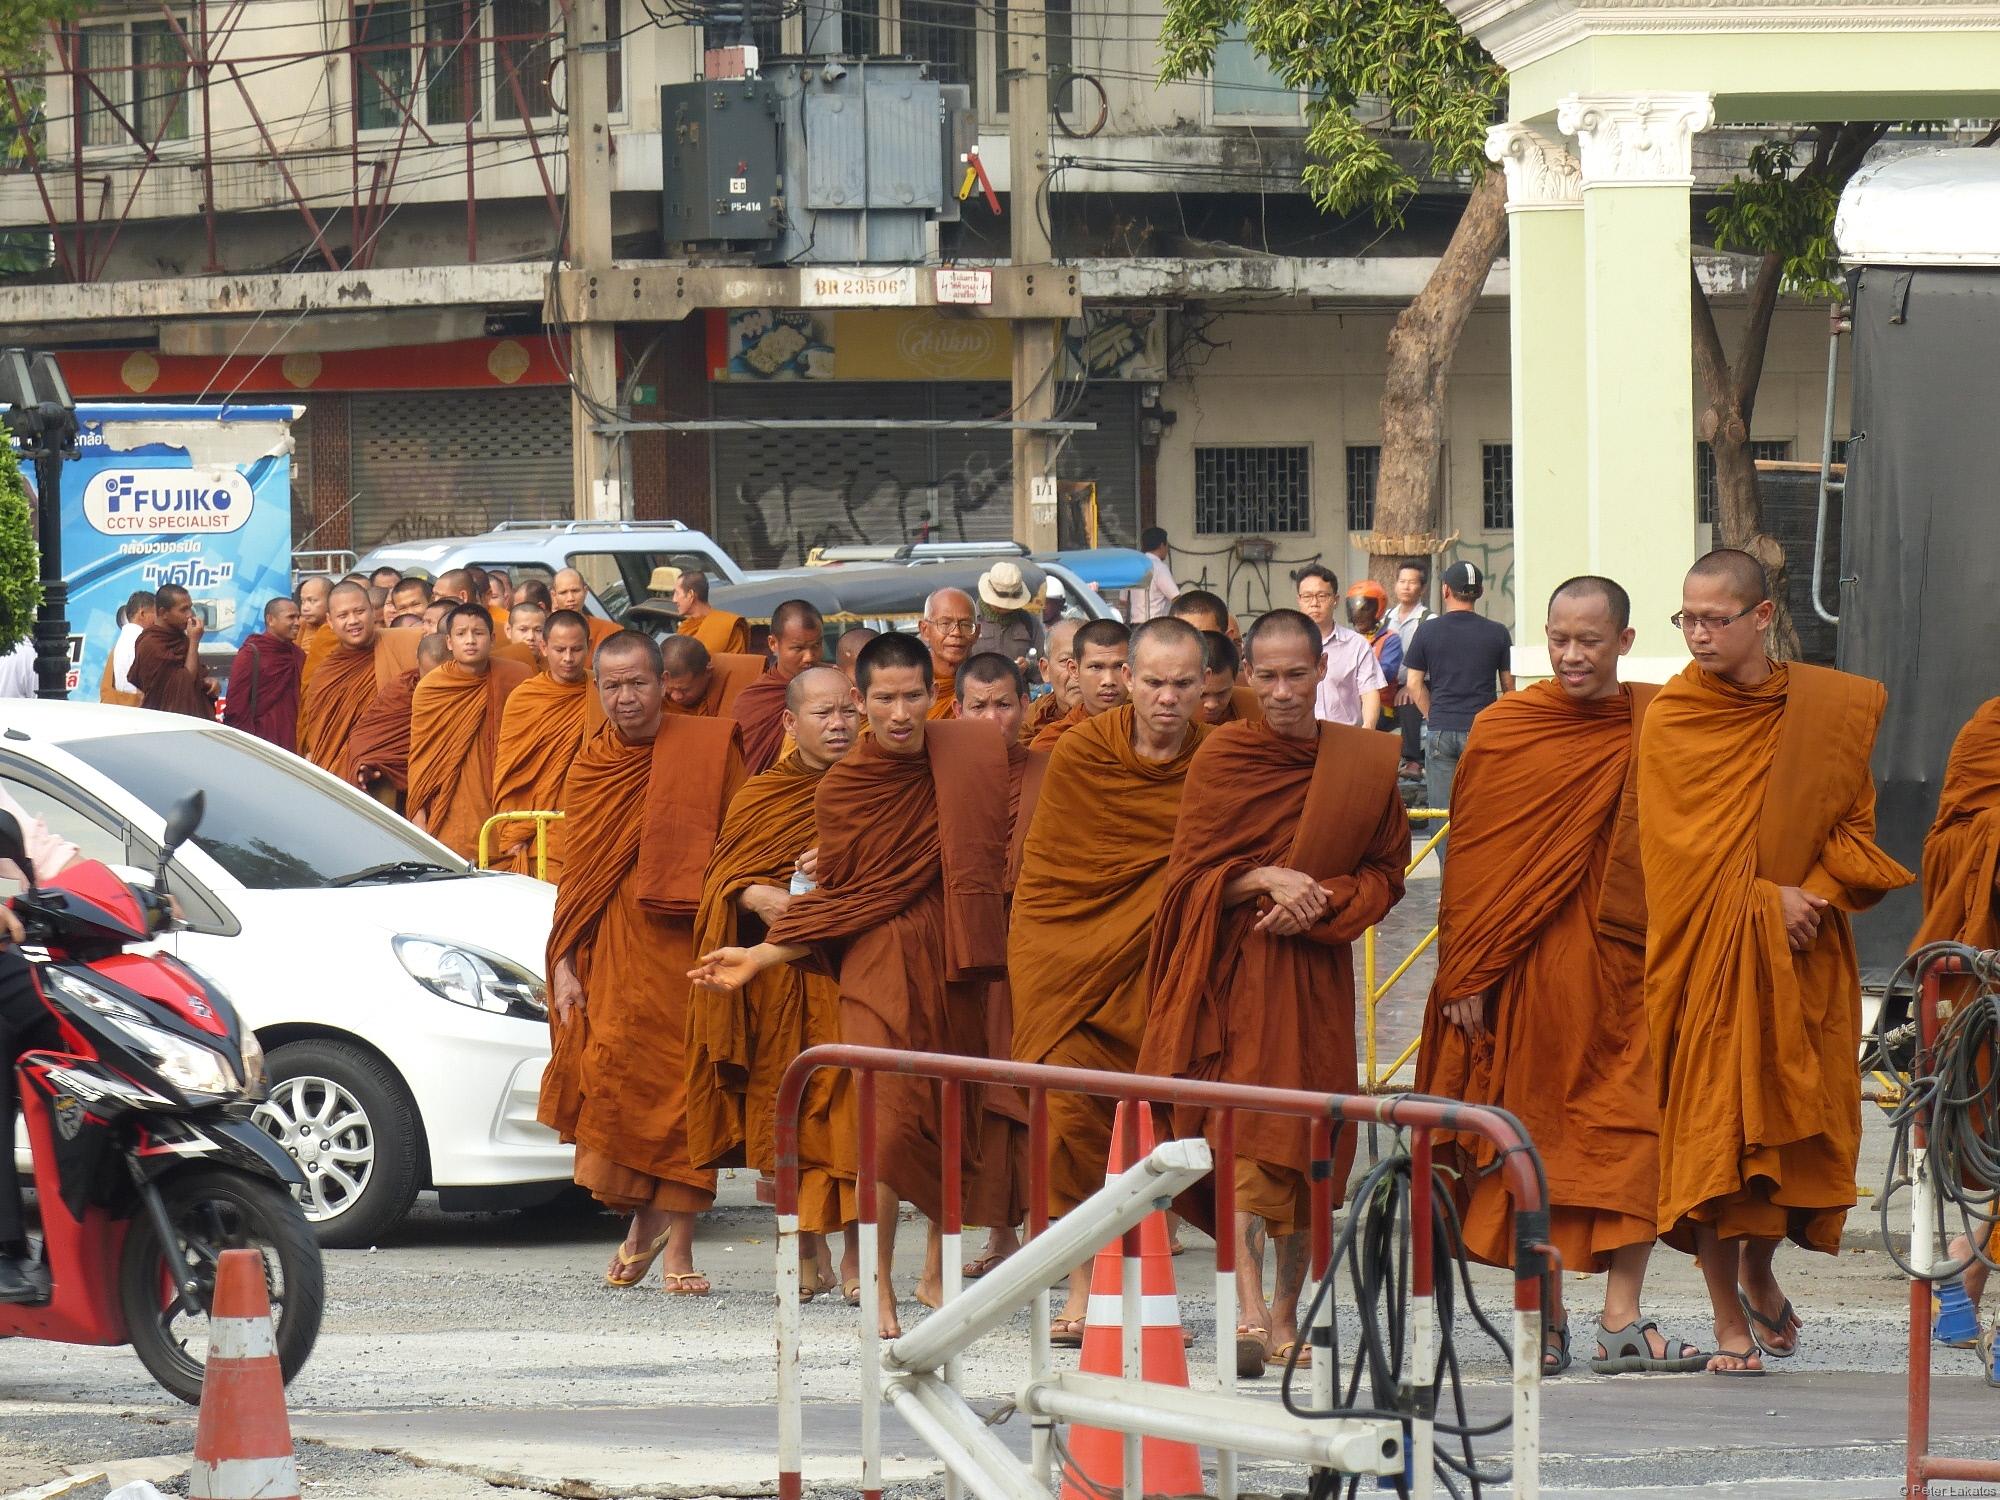 Mönche gesehen